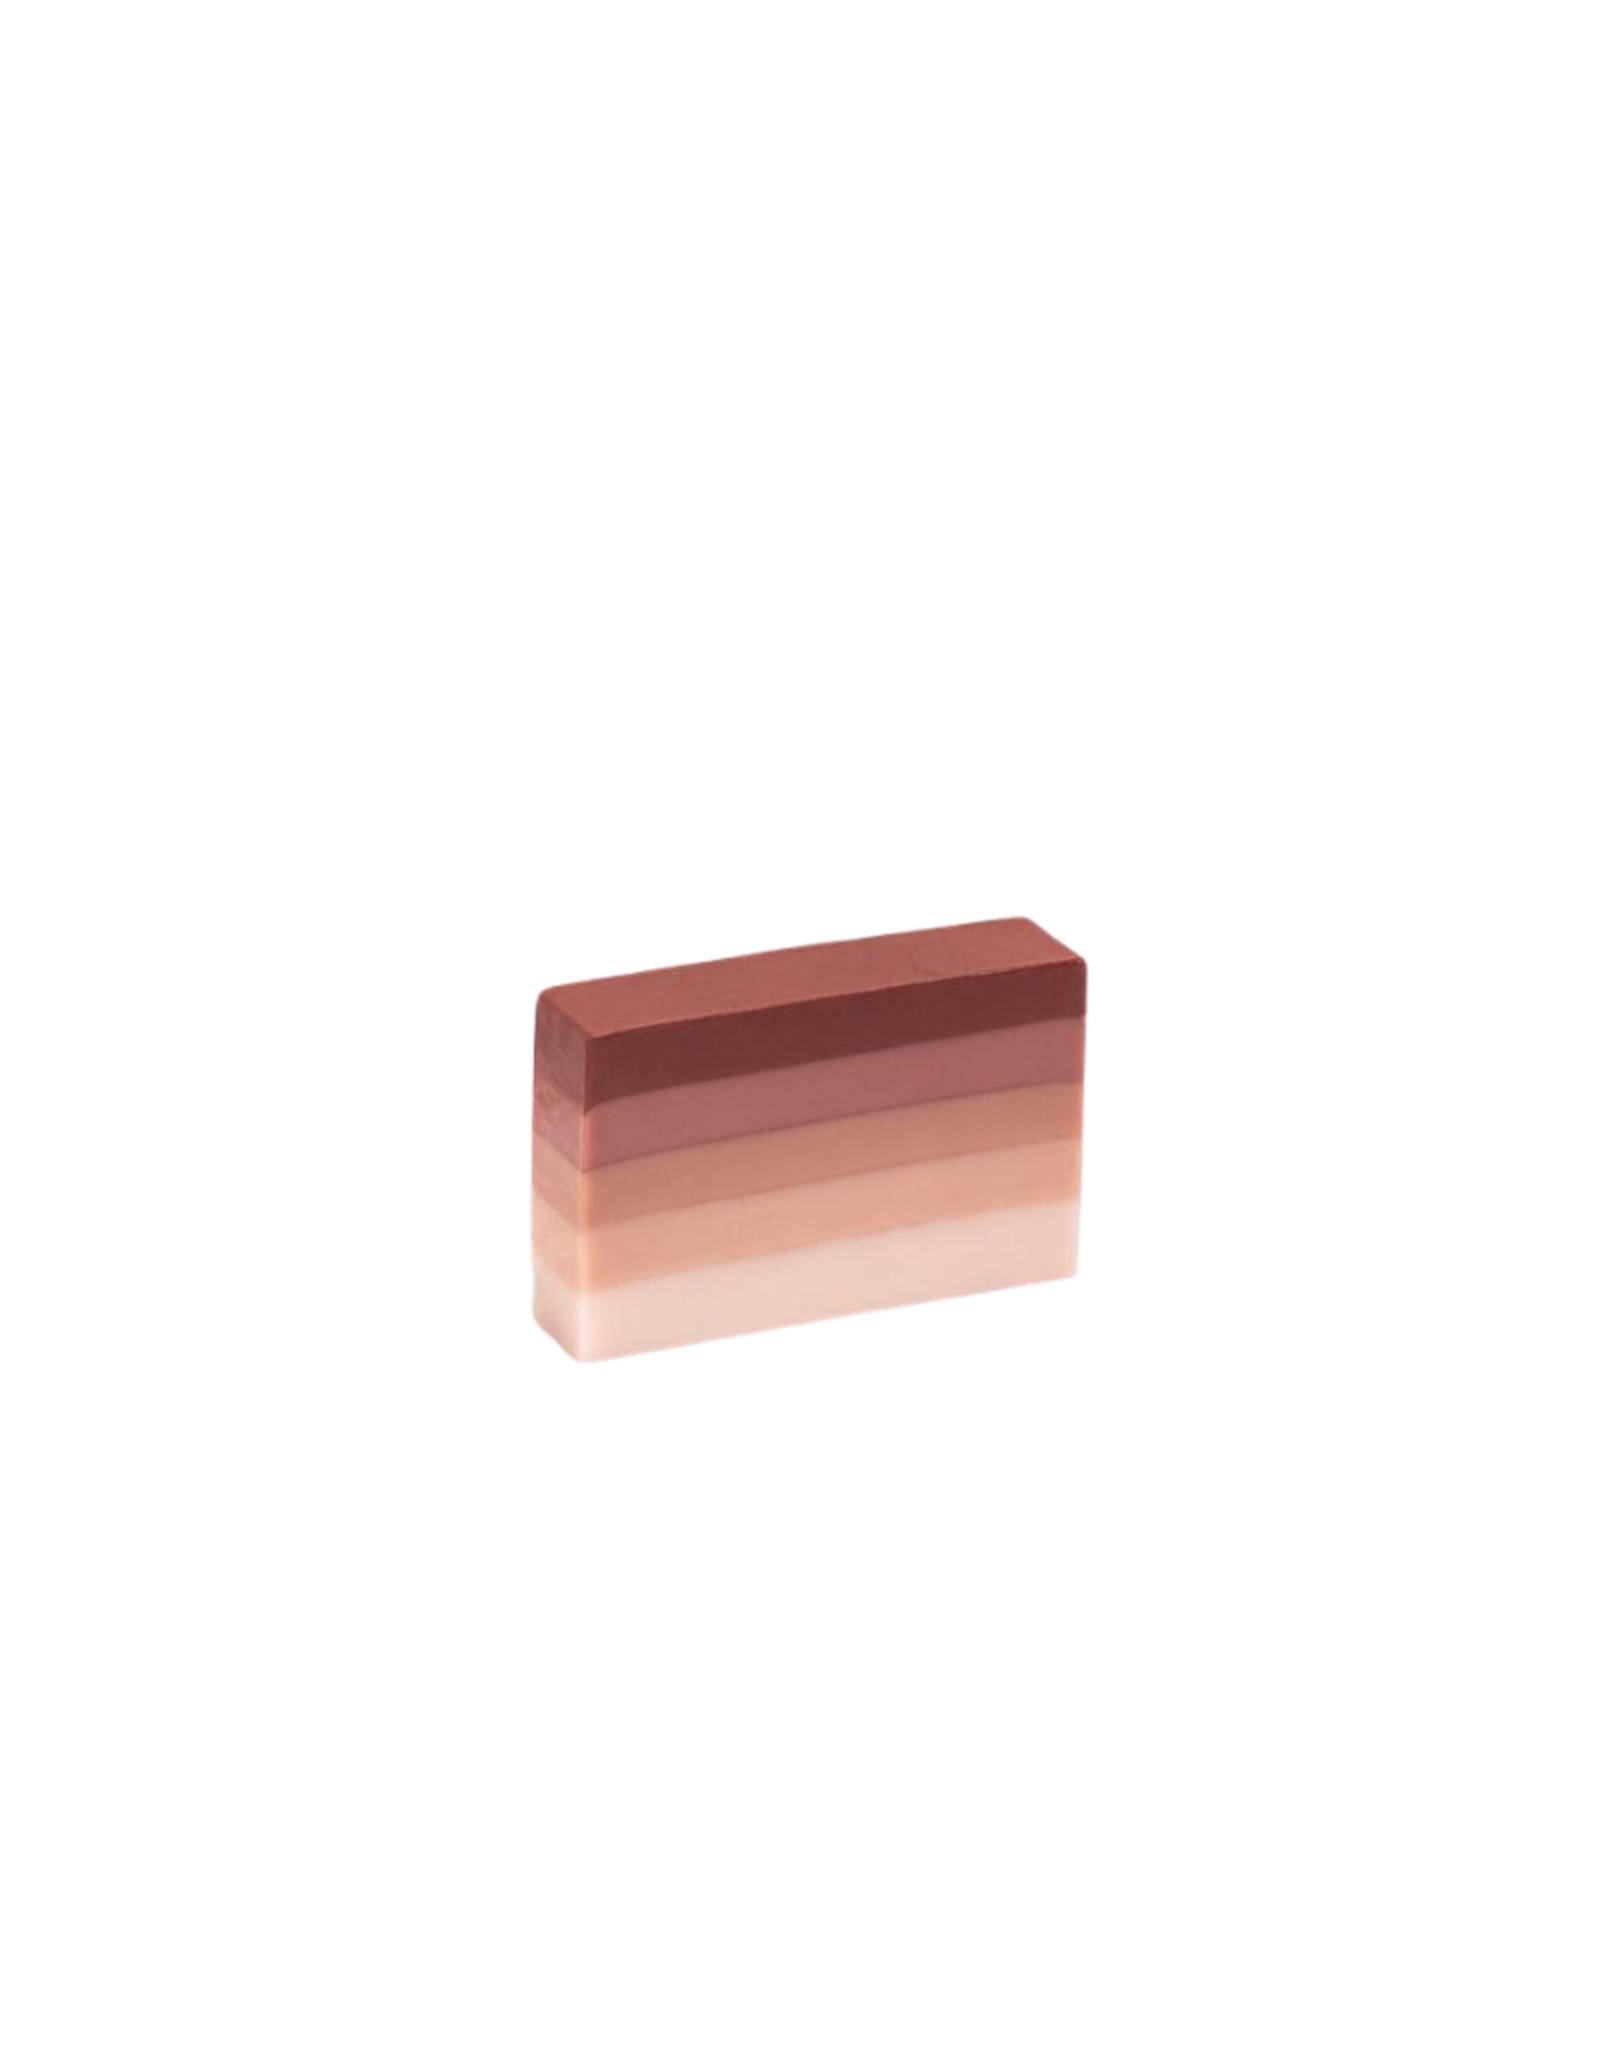 Fazeek Gradient Soap - Pomegranate+Sage